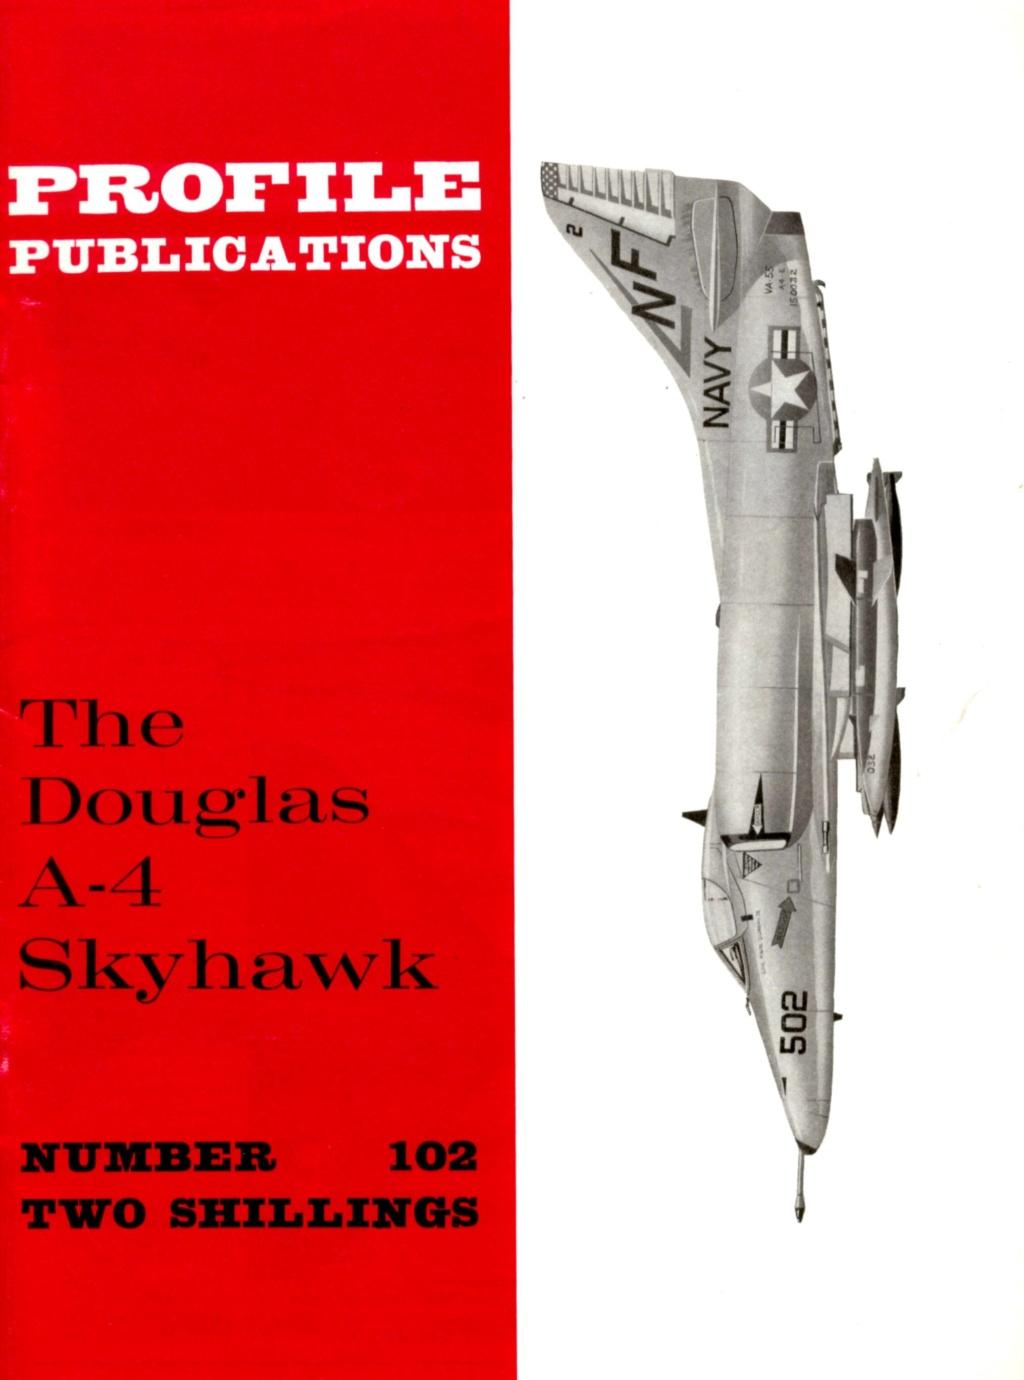 A-4 SKYHAWK Oaca_a43